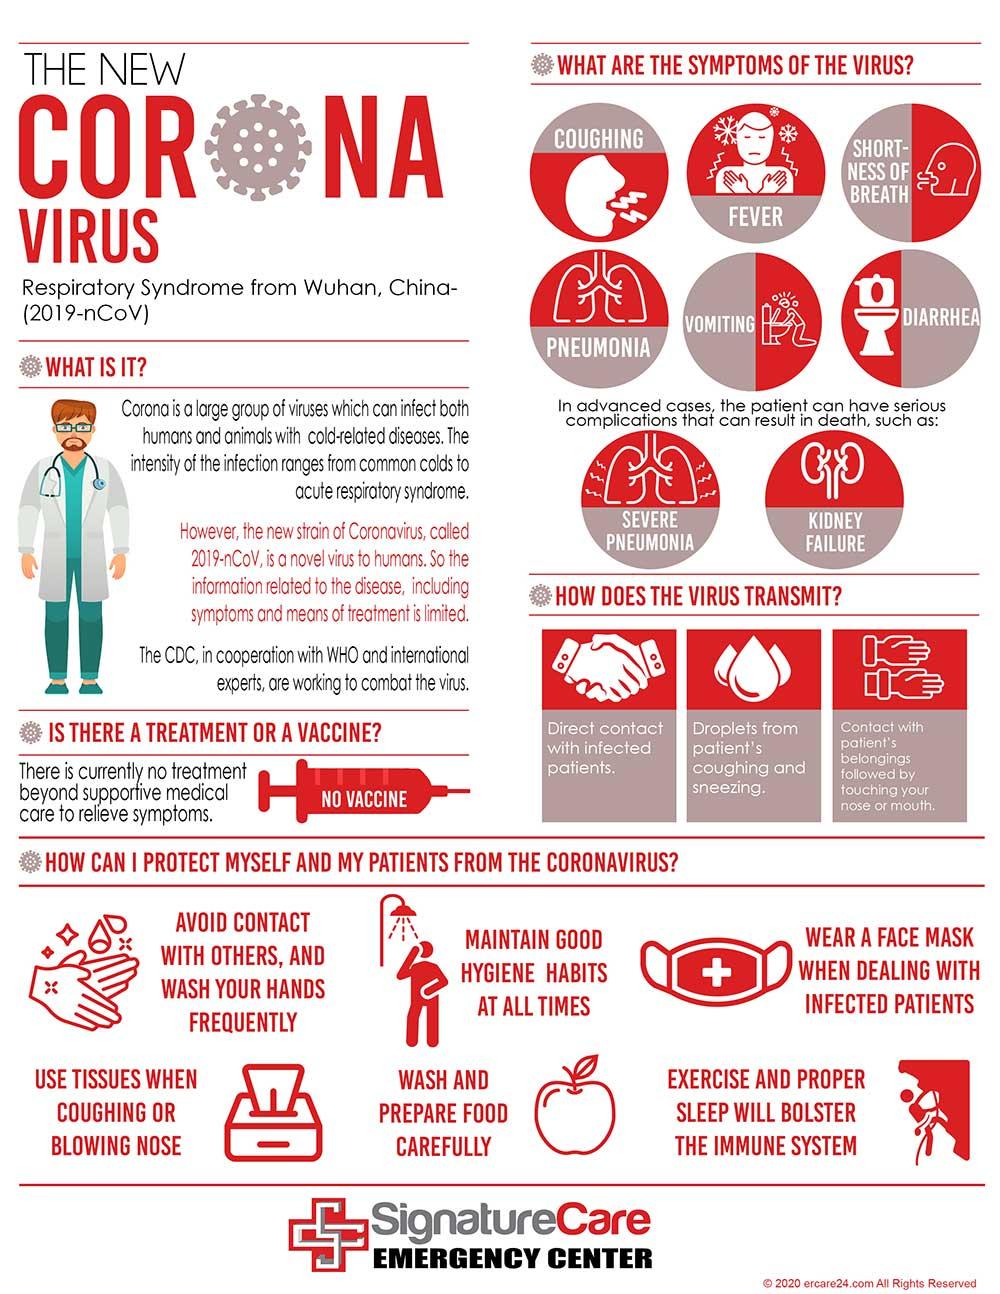 The New Coronavirus chart